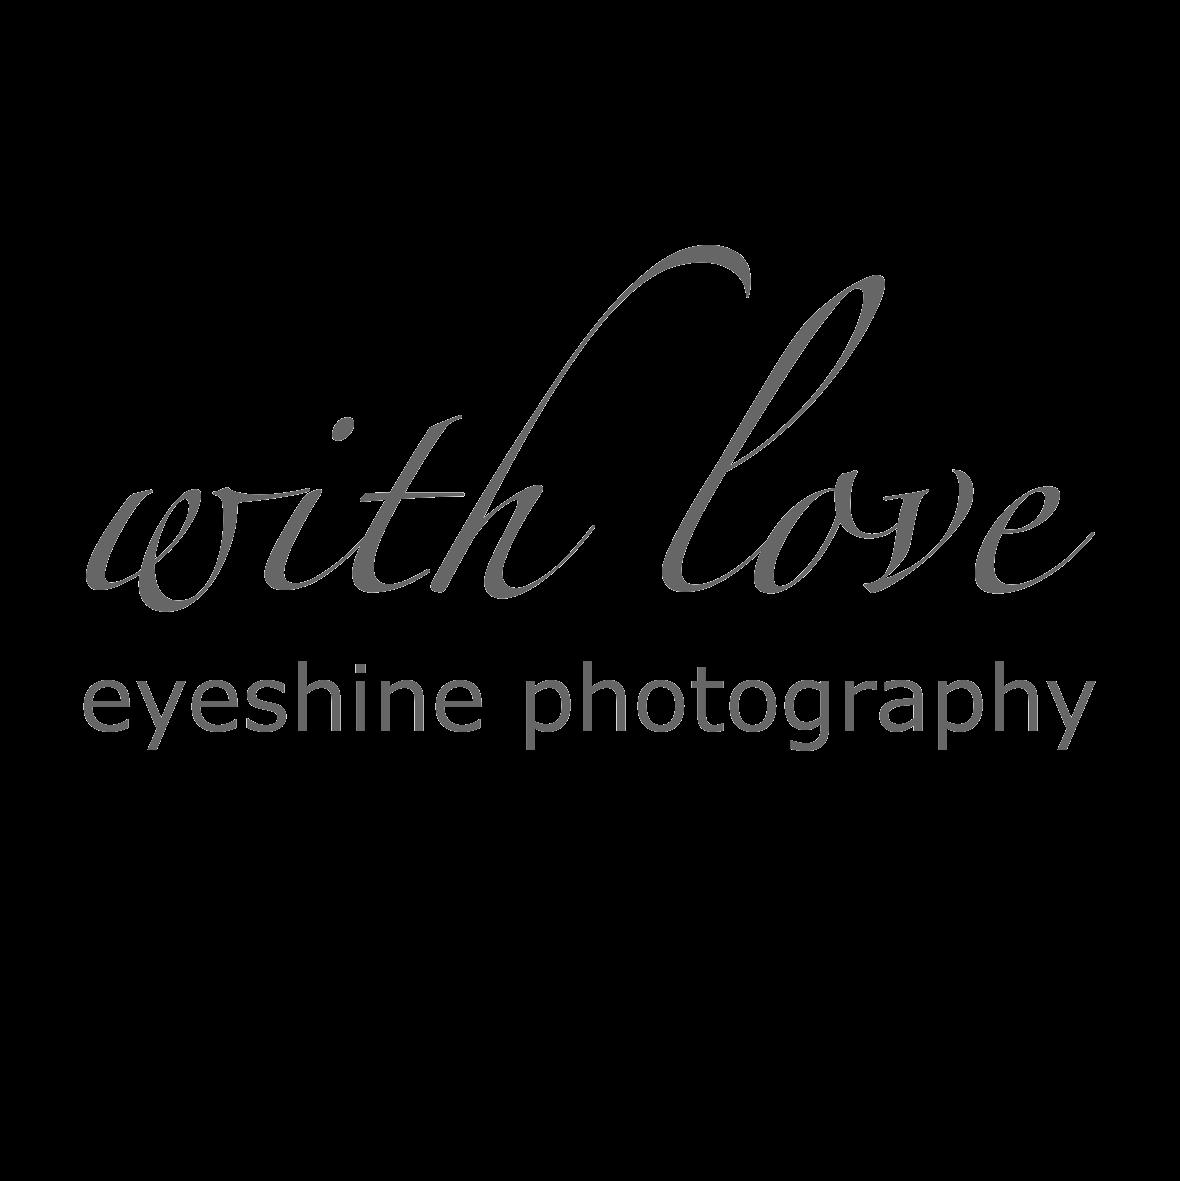 eyeshine photography blog